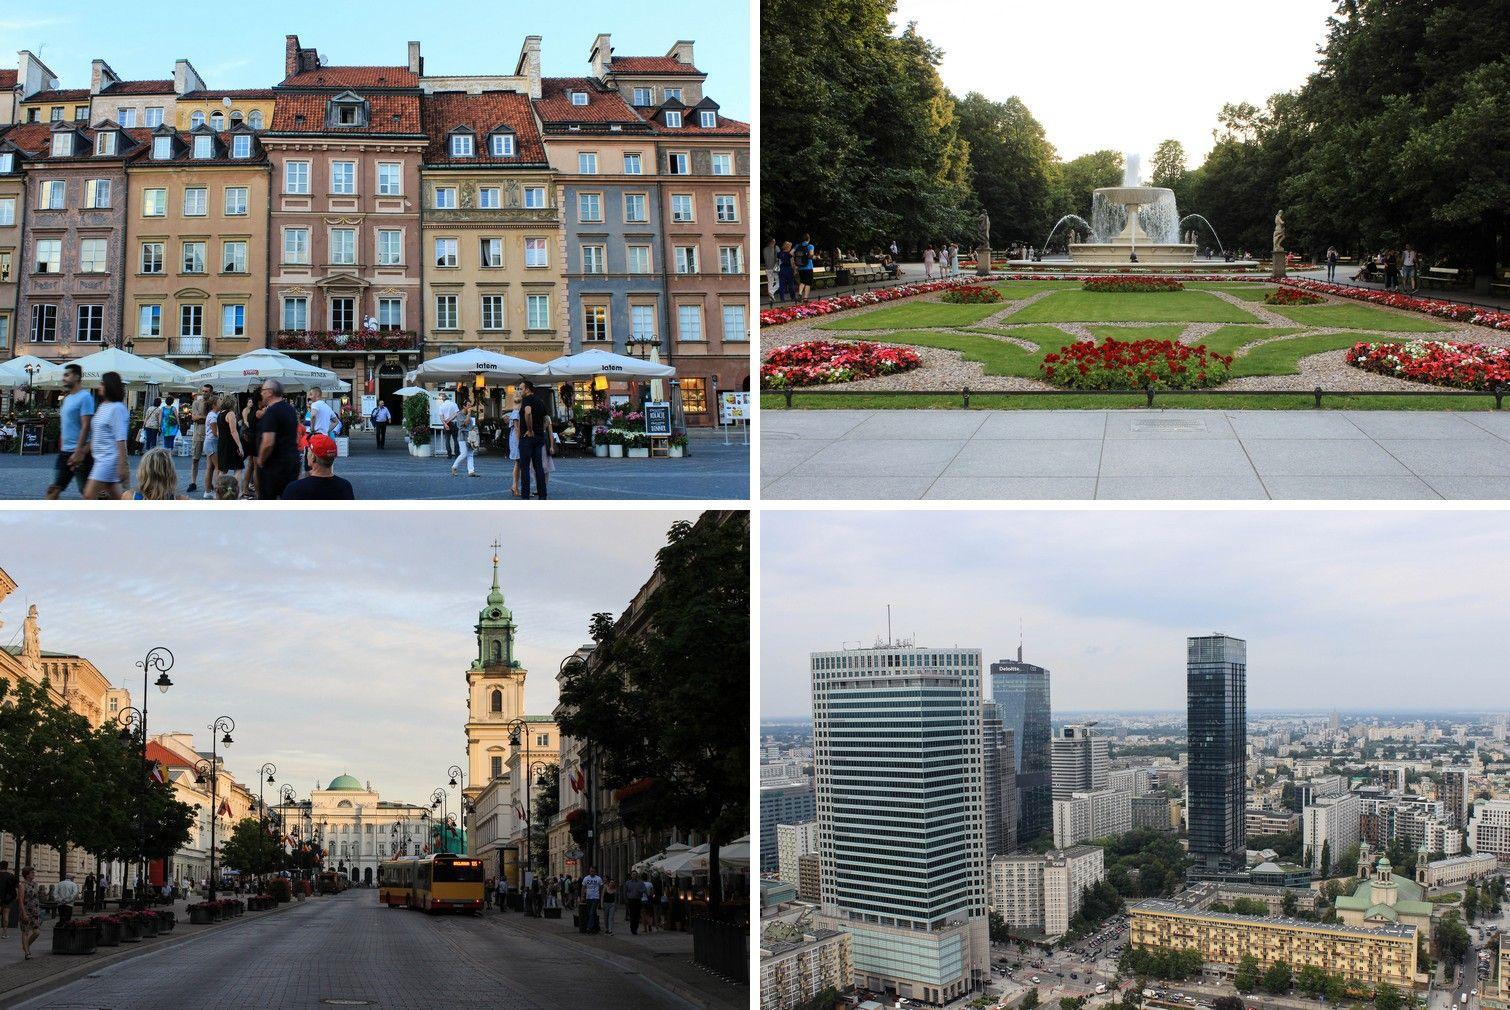 De veelzijdigheid van Warschau